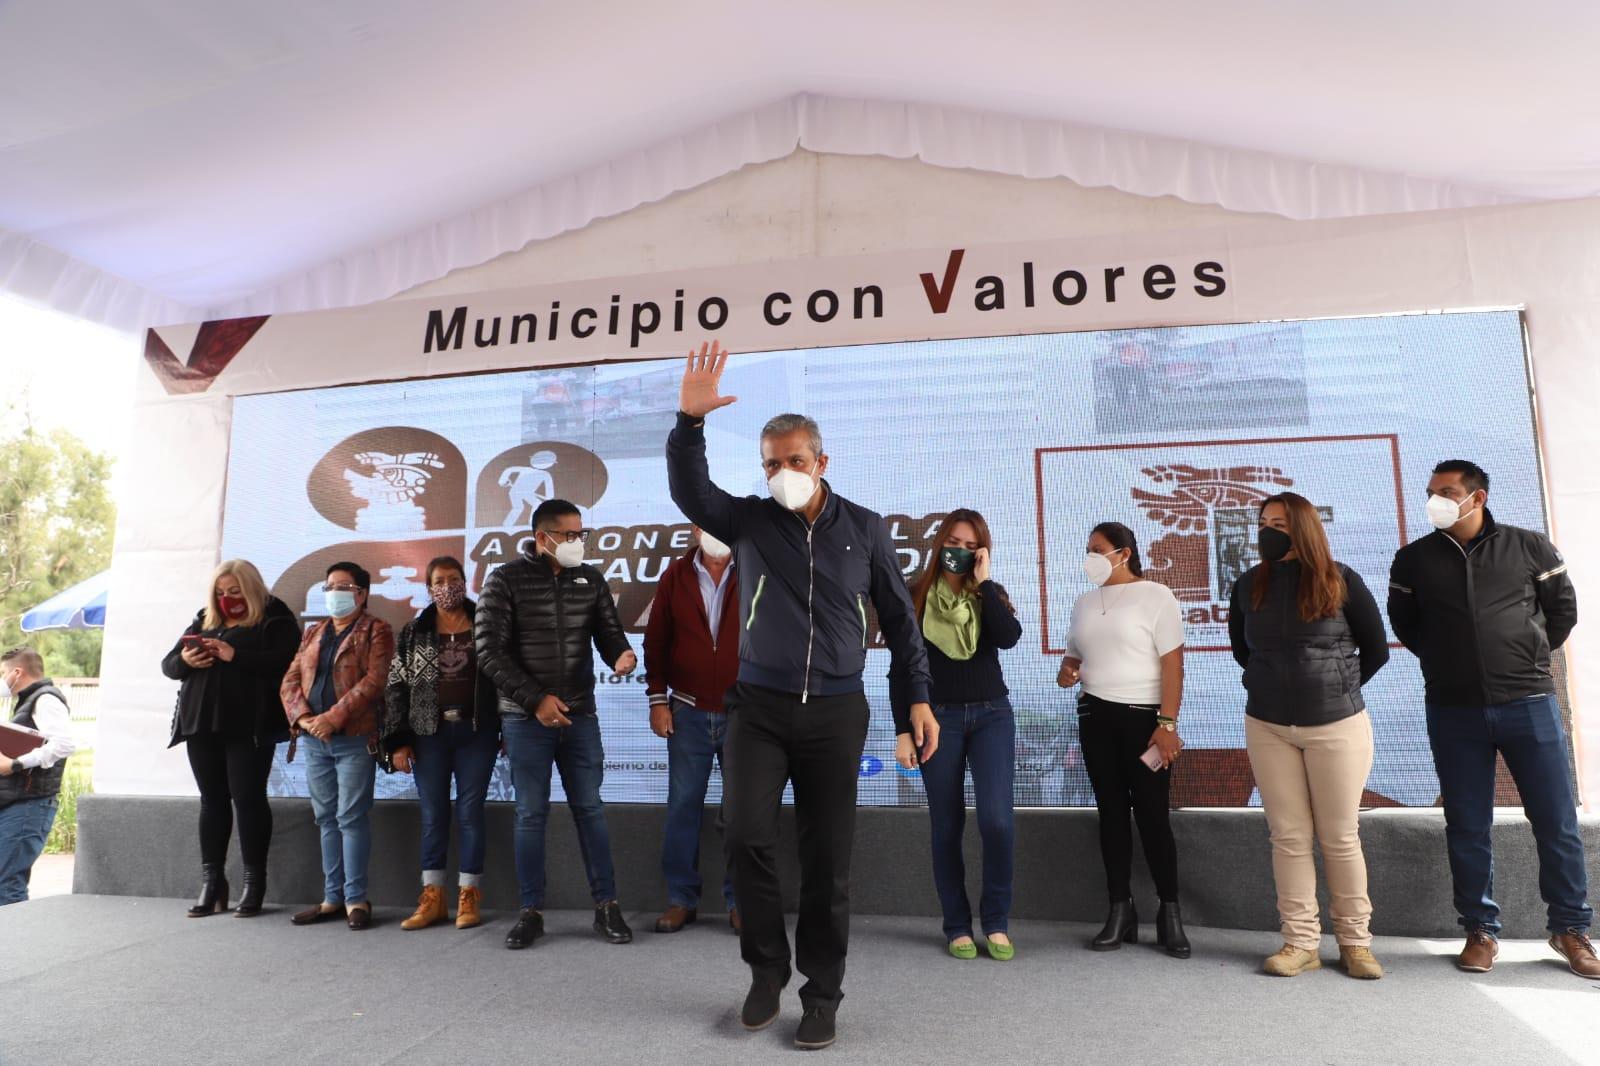 Alcalde de Ecatepec anuncia rescate integral de colonias abandonadas desde hace décadas